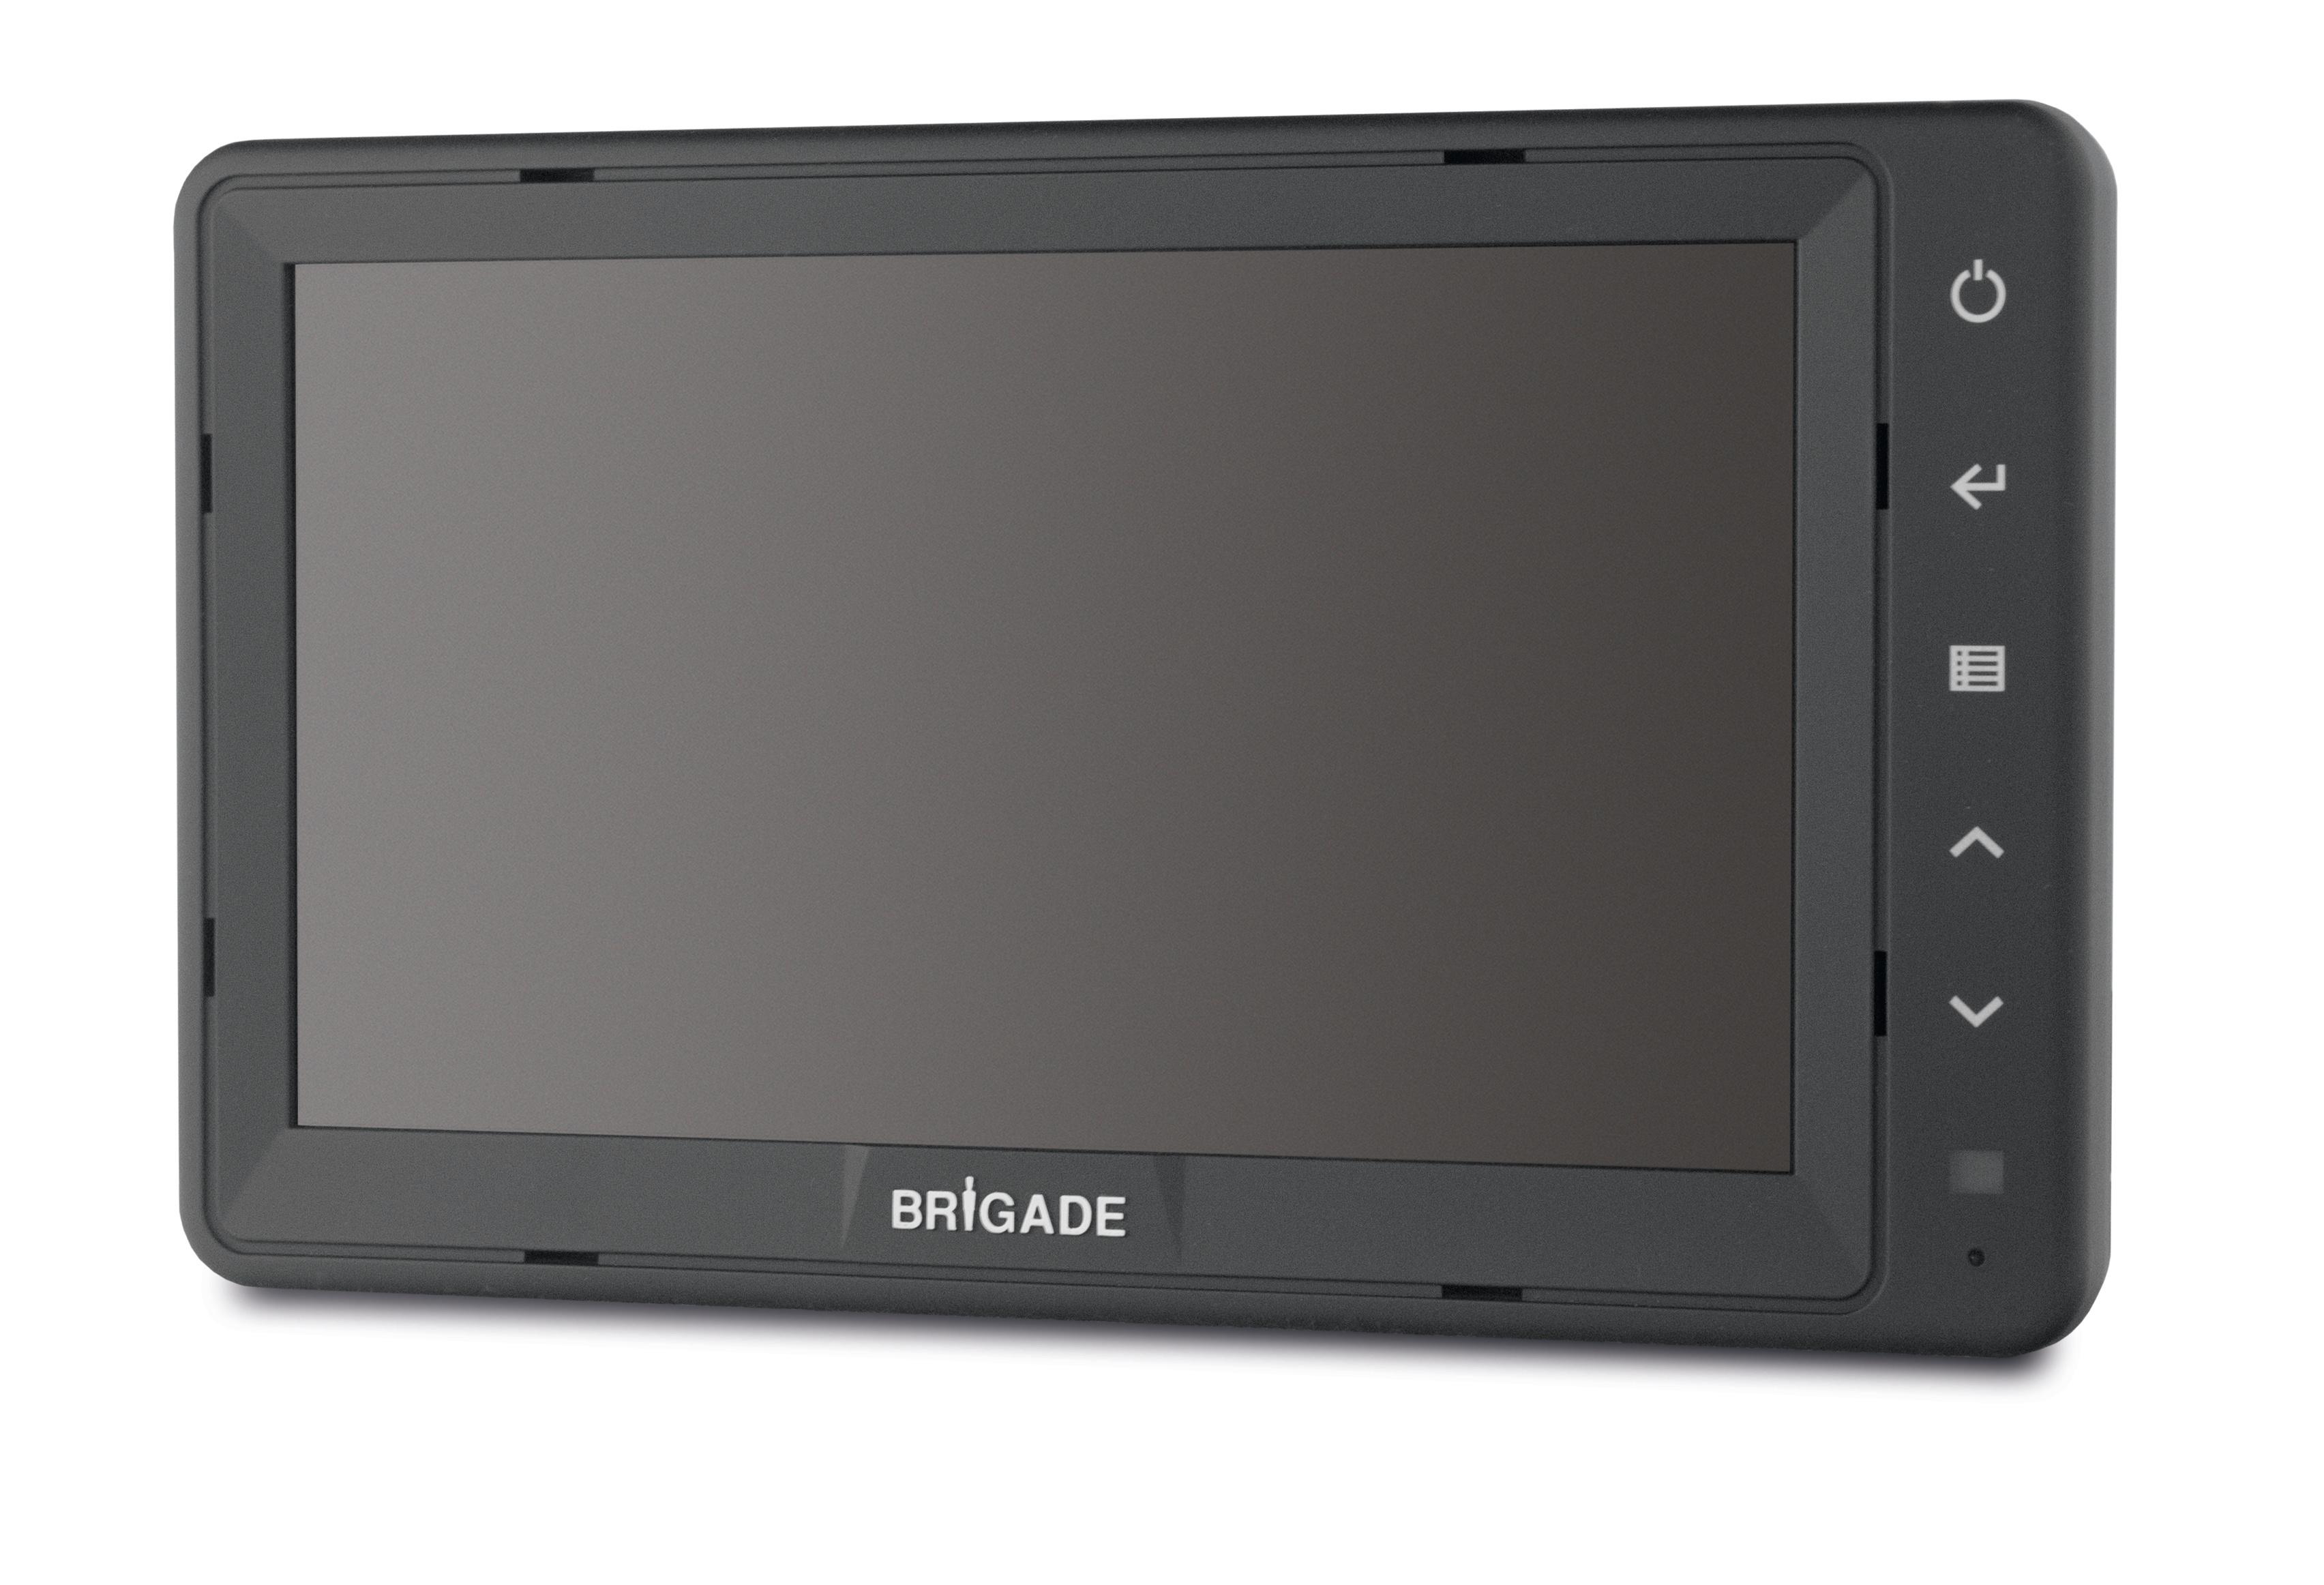 VBV-770M